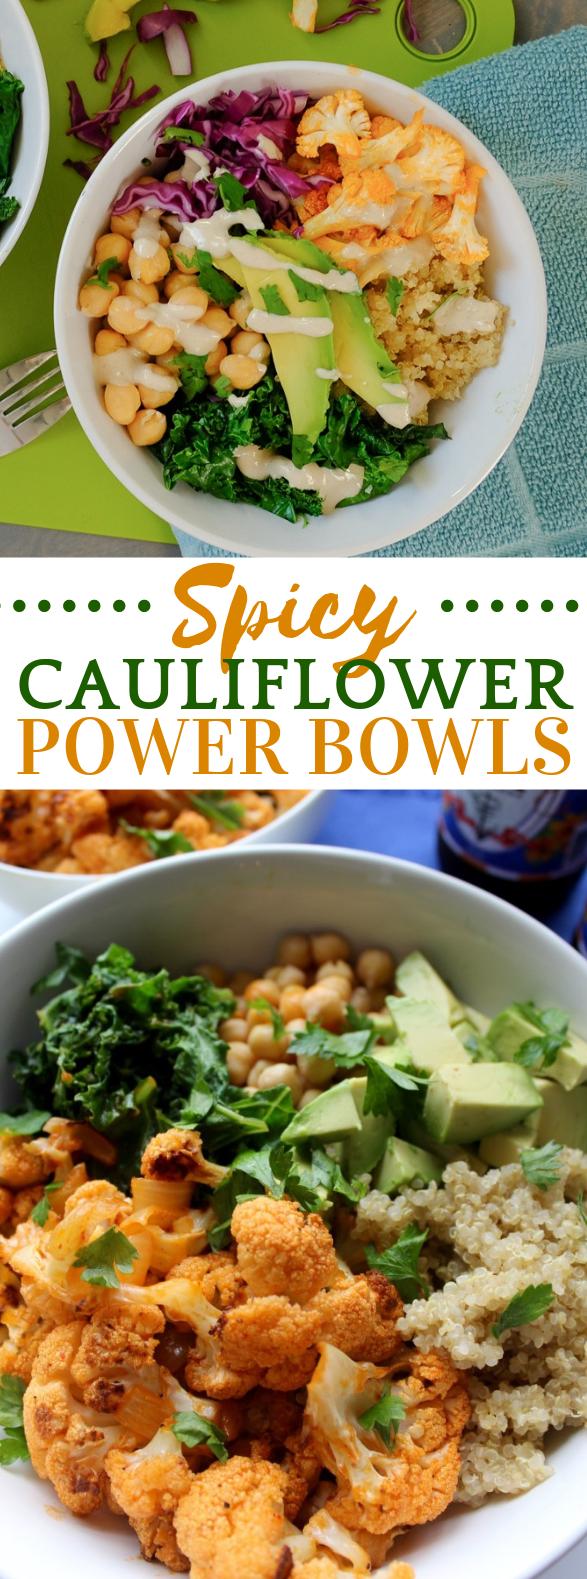 Spicy Cauliflower Power Bowl #vegetarian #glutenfree